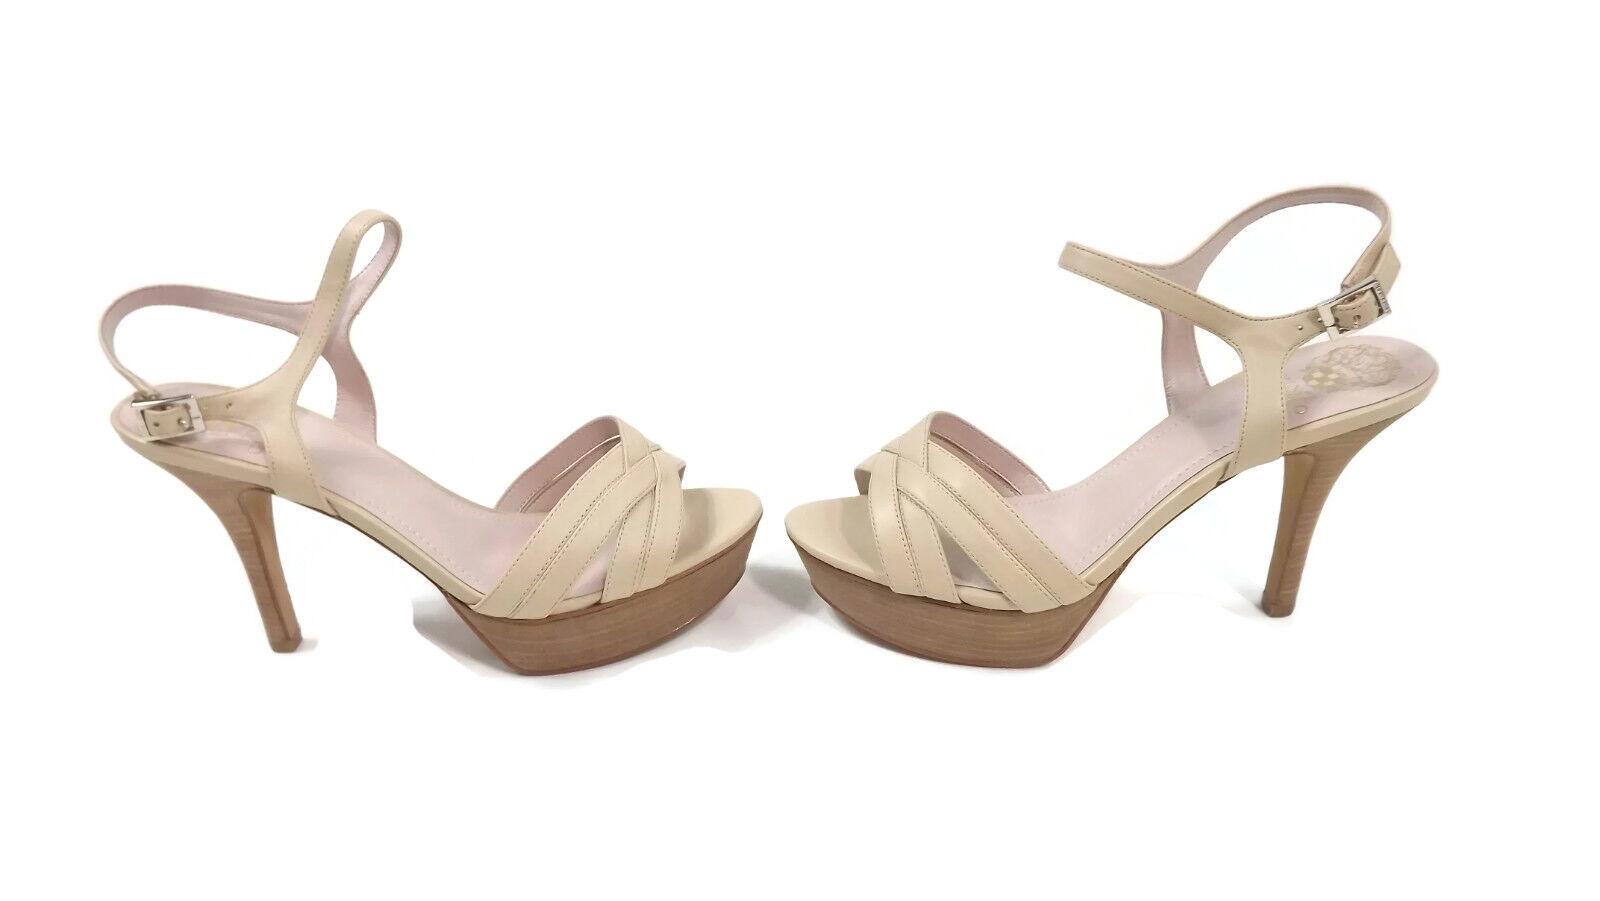 spedizione veloce in tutto il mondo Vince Camuto VC-Paden Platform Platform Platform  Strappy Sandals scarpe Dimensione 10 W Petal  Neutral  vendita scontata